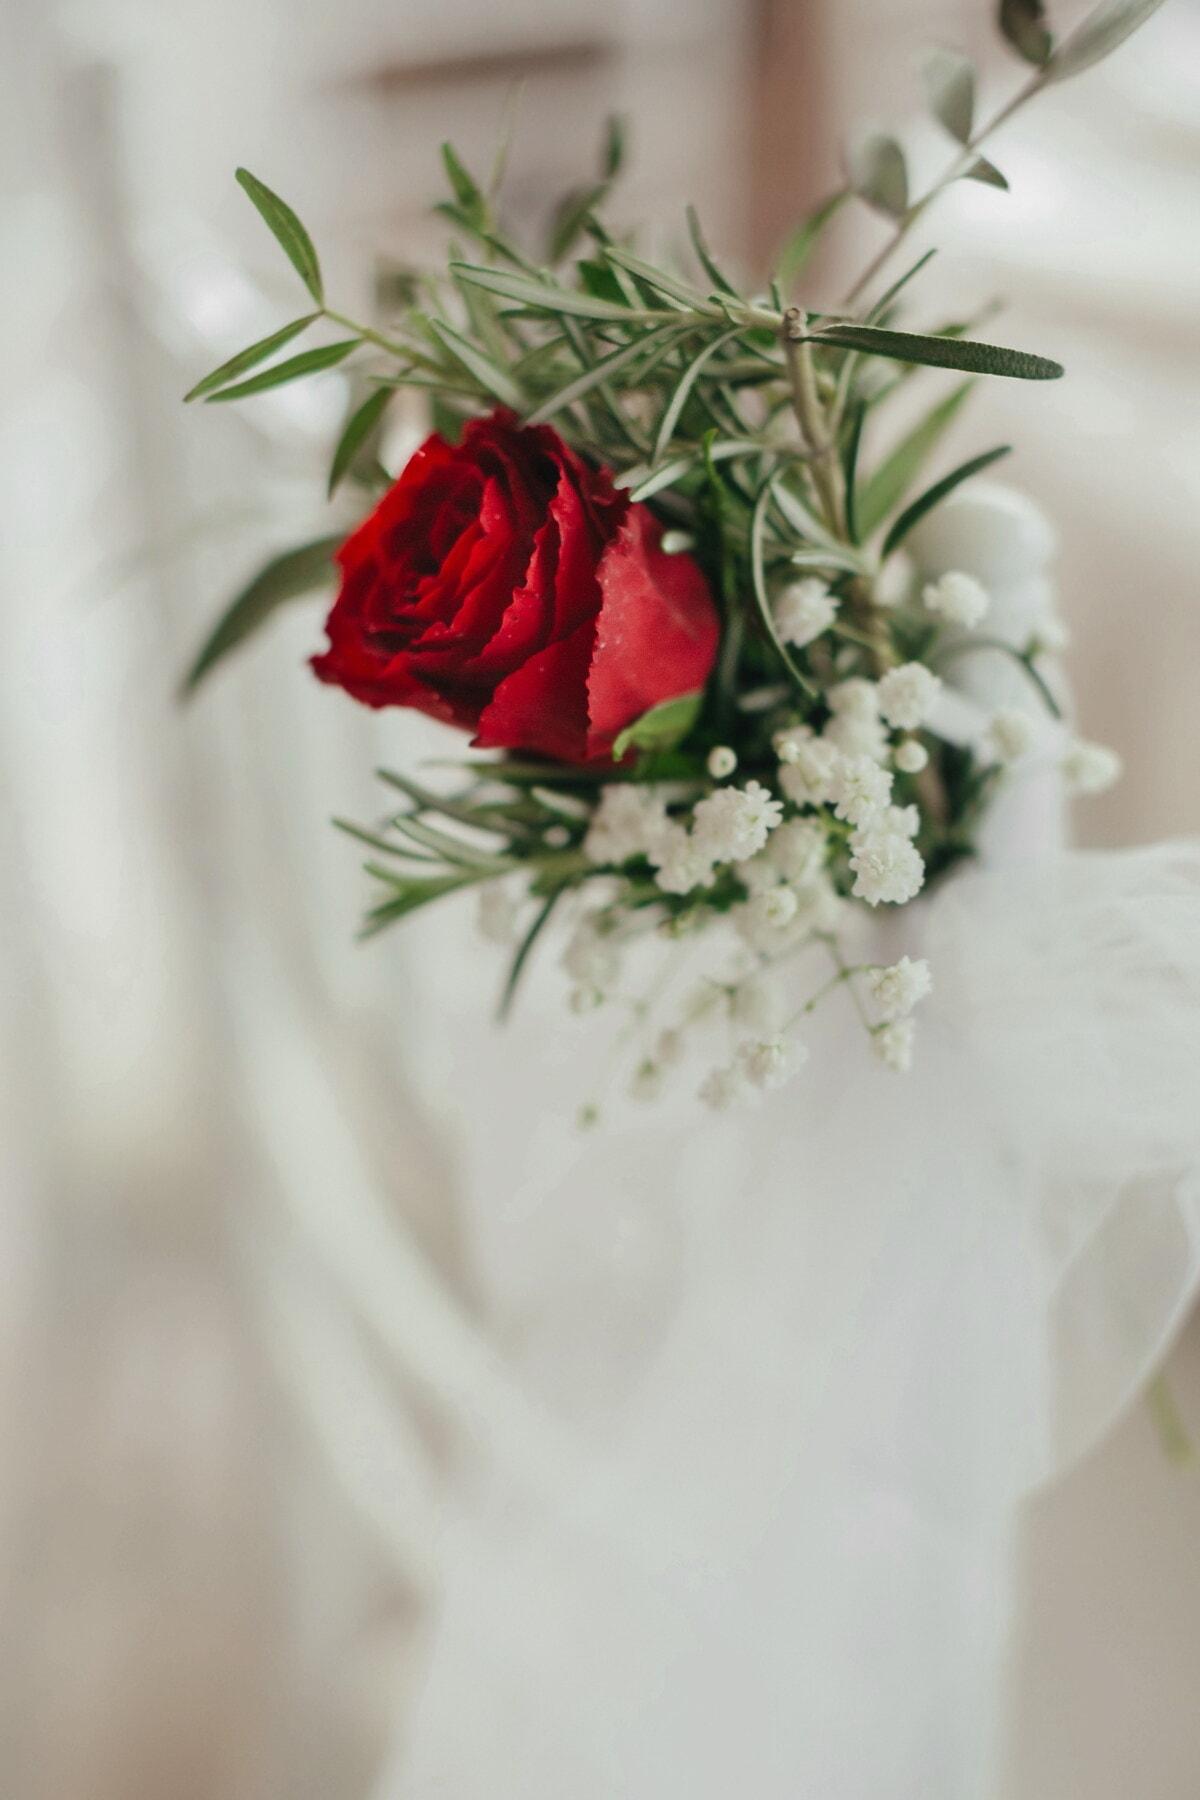 buchet, roșu, Minimalismul, miniatură, elegant, trandafir, nunta, natura, floare, Crăciun